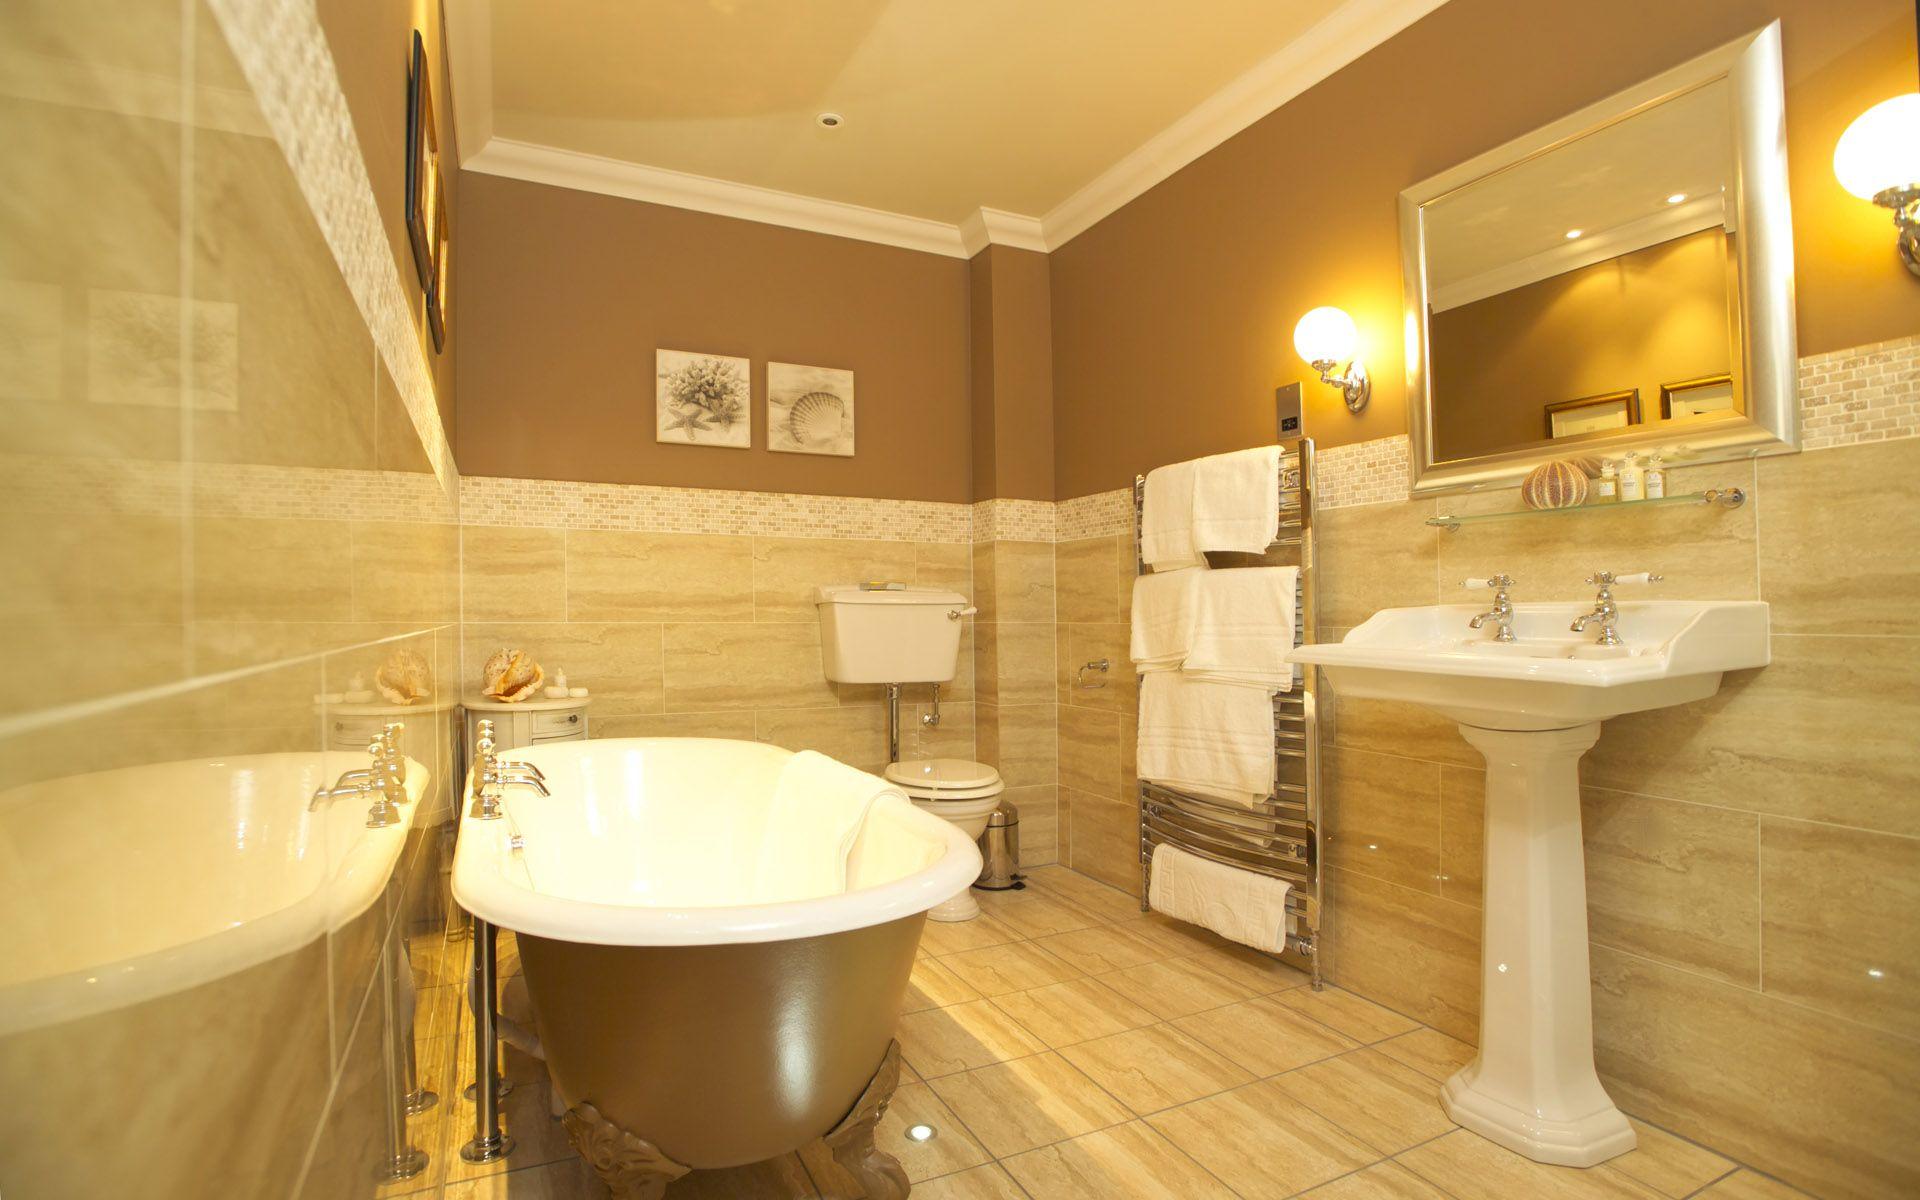 Interior Design Home Bathroom Images - http://uhomedesignlover.com ...